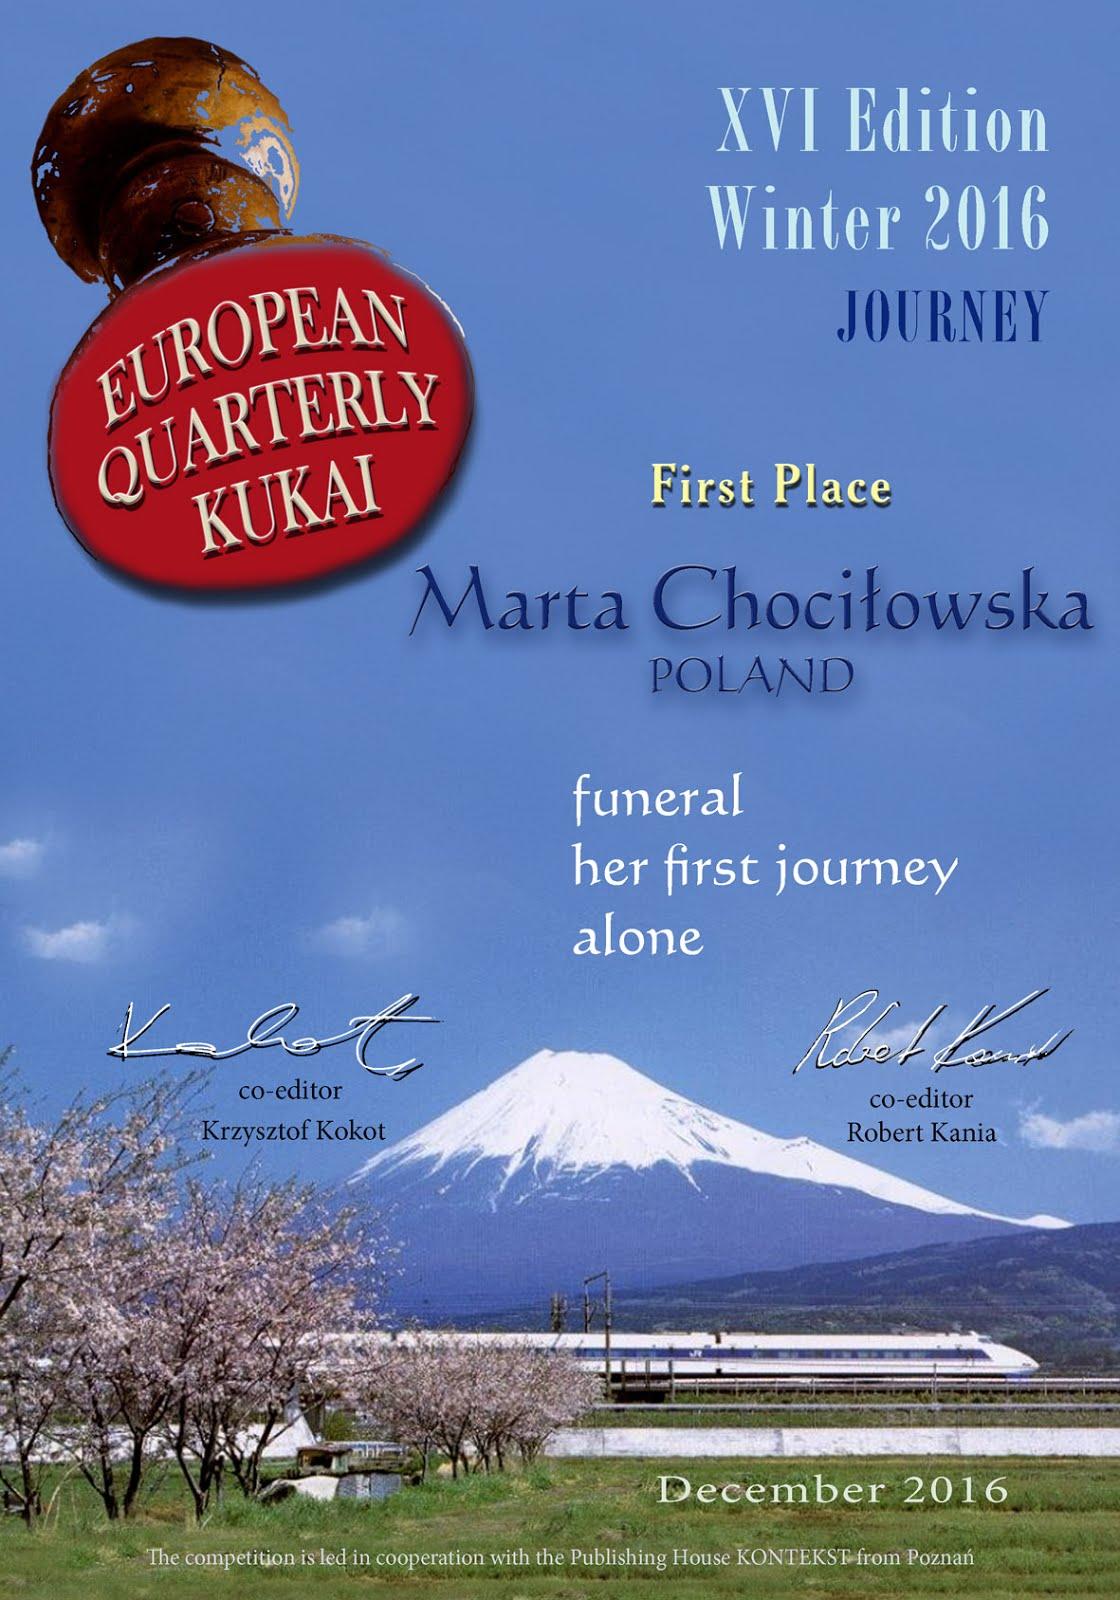 XVI European Quarterly Kukai